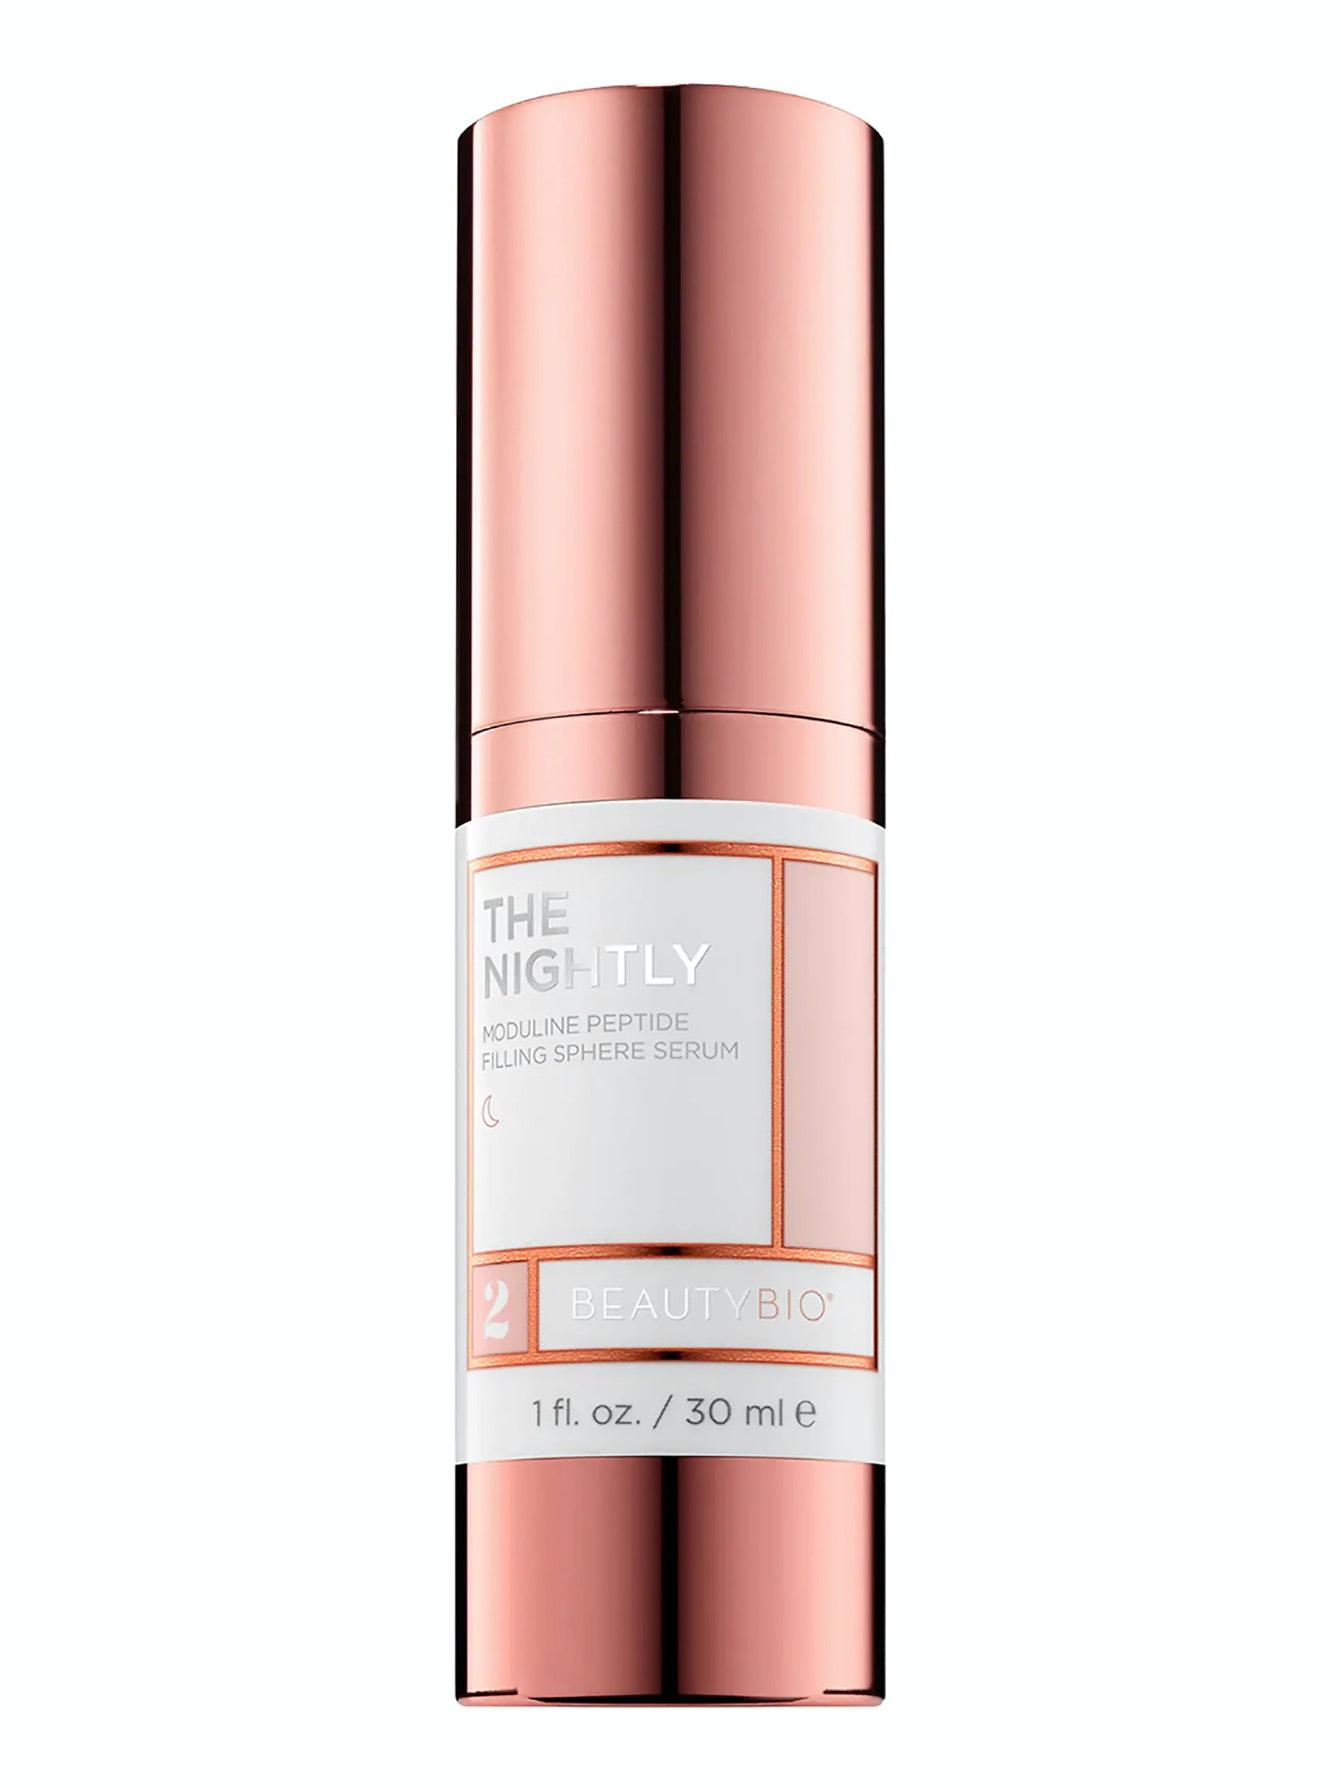 BeautyBio The Nightly Retinol + Peptide Anti-Aging Serum